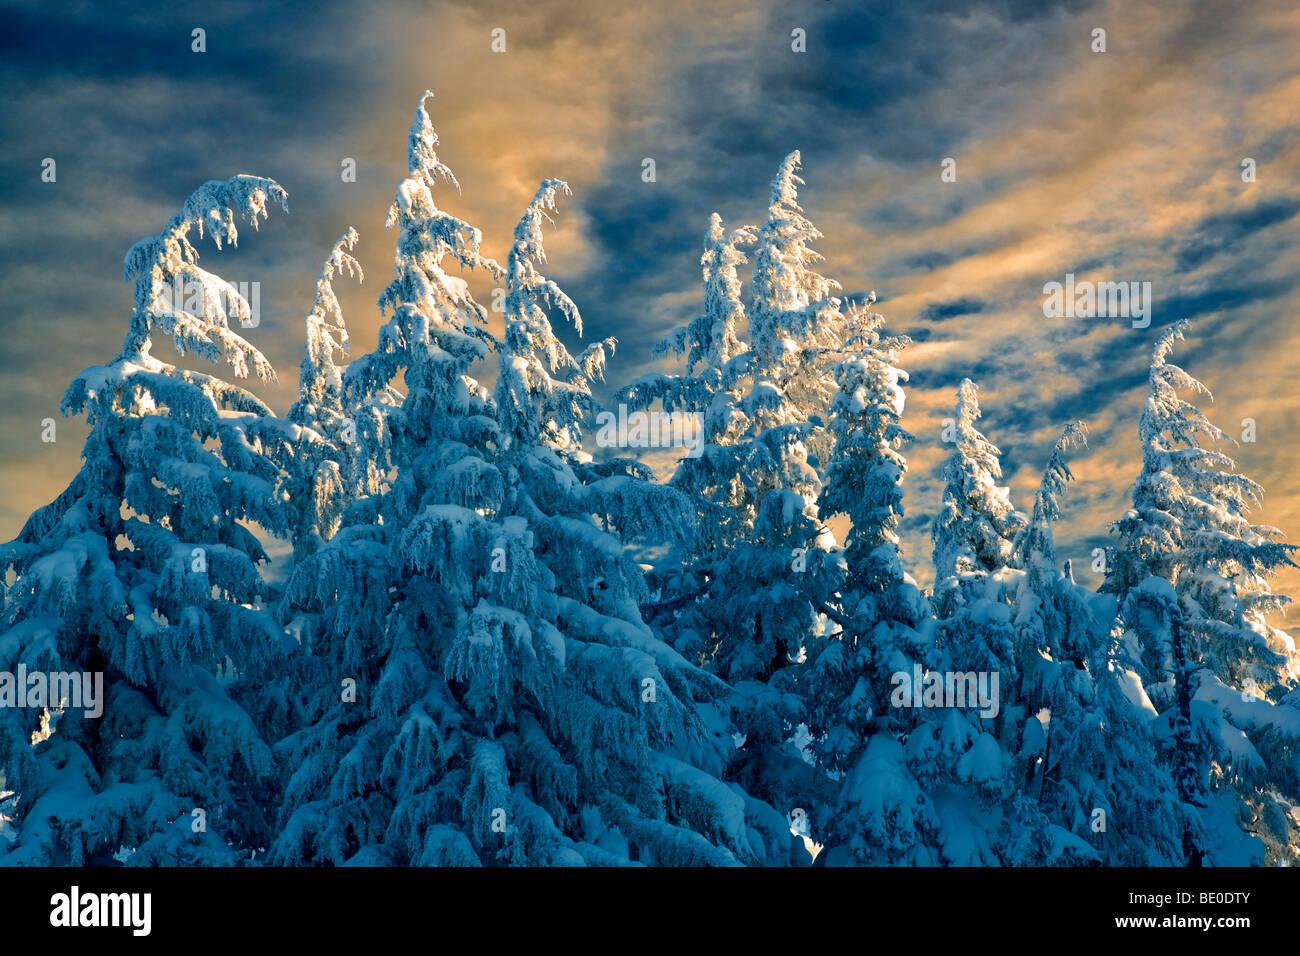 New snow on trees. Mt. Hood, Oregon - Stock Image